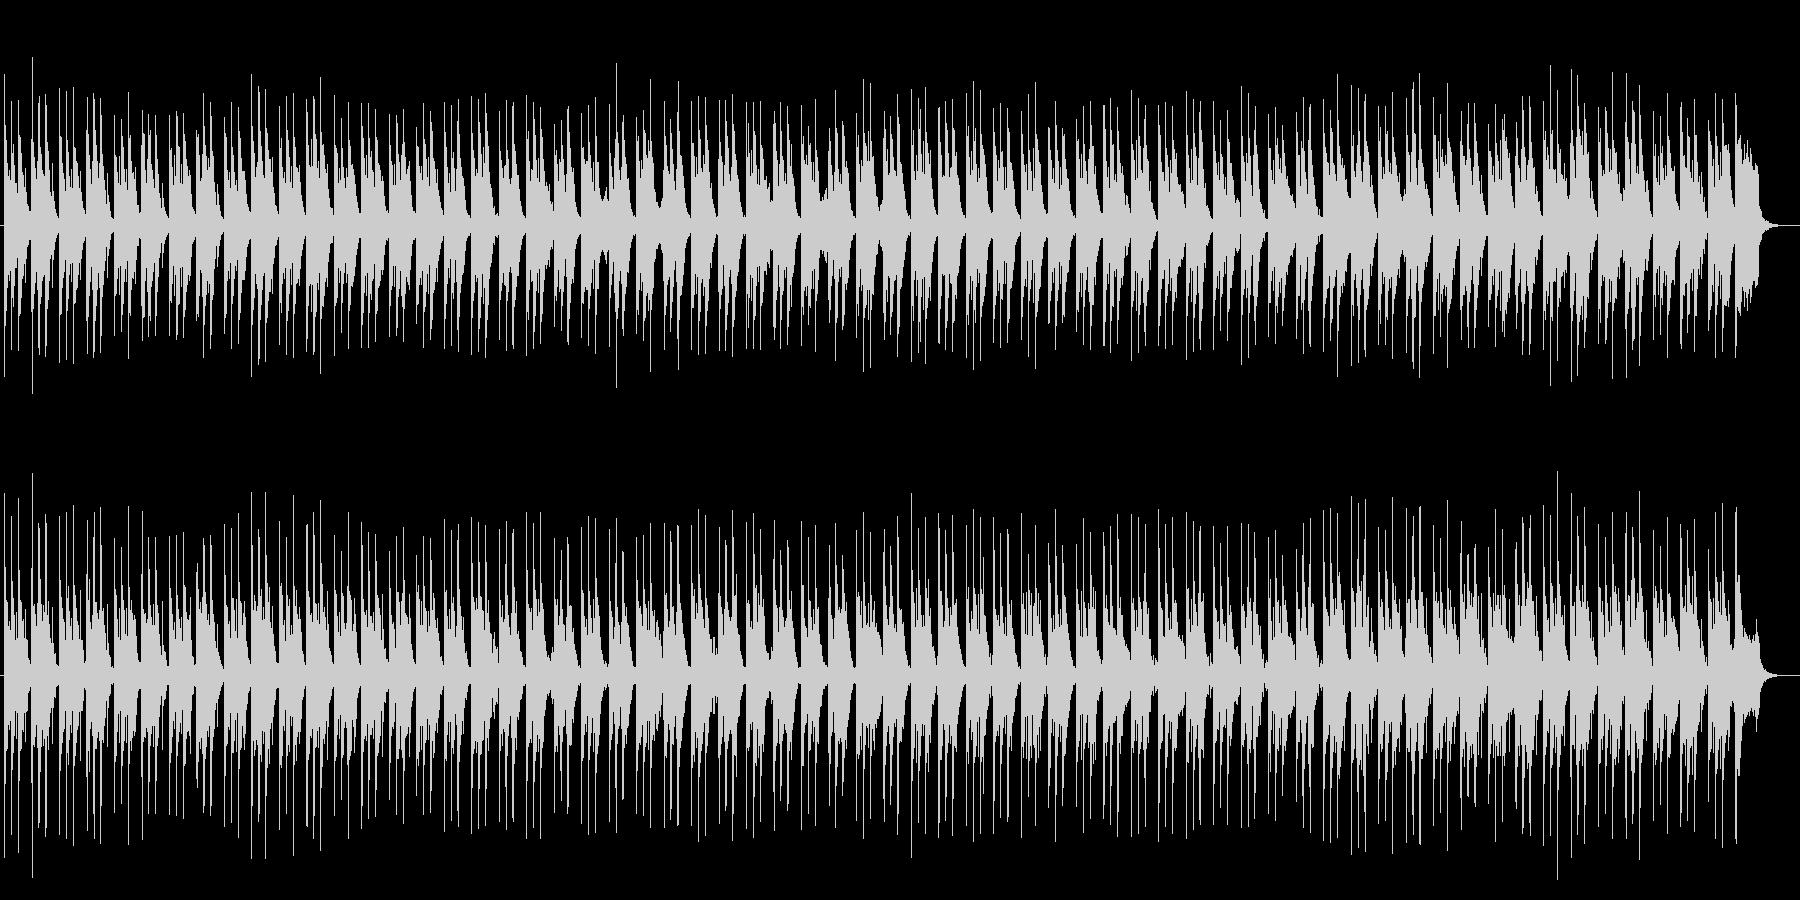 奇麗で透明感のあるシンセサイザーサウンドの未再生の波形